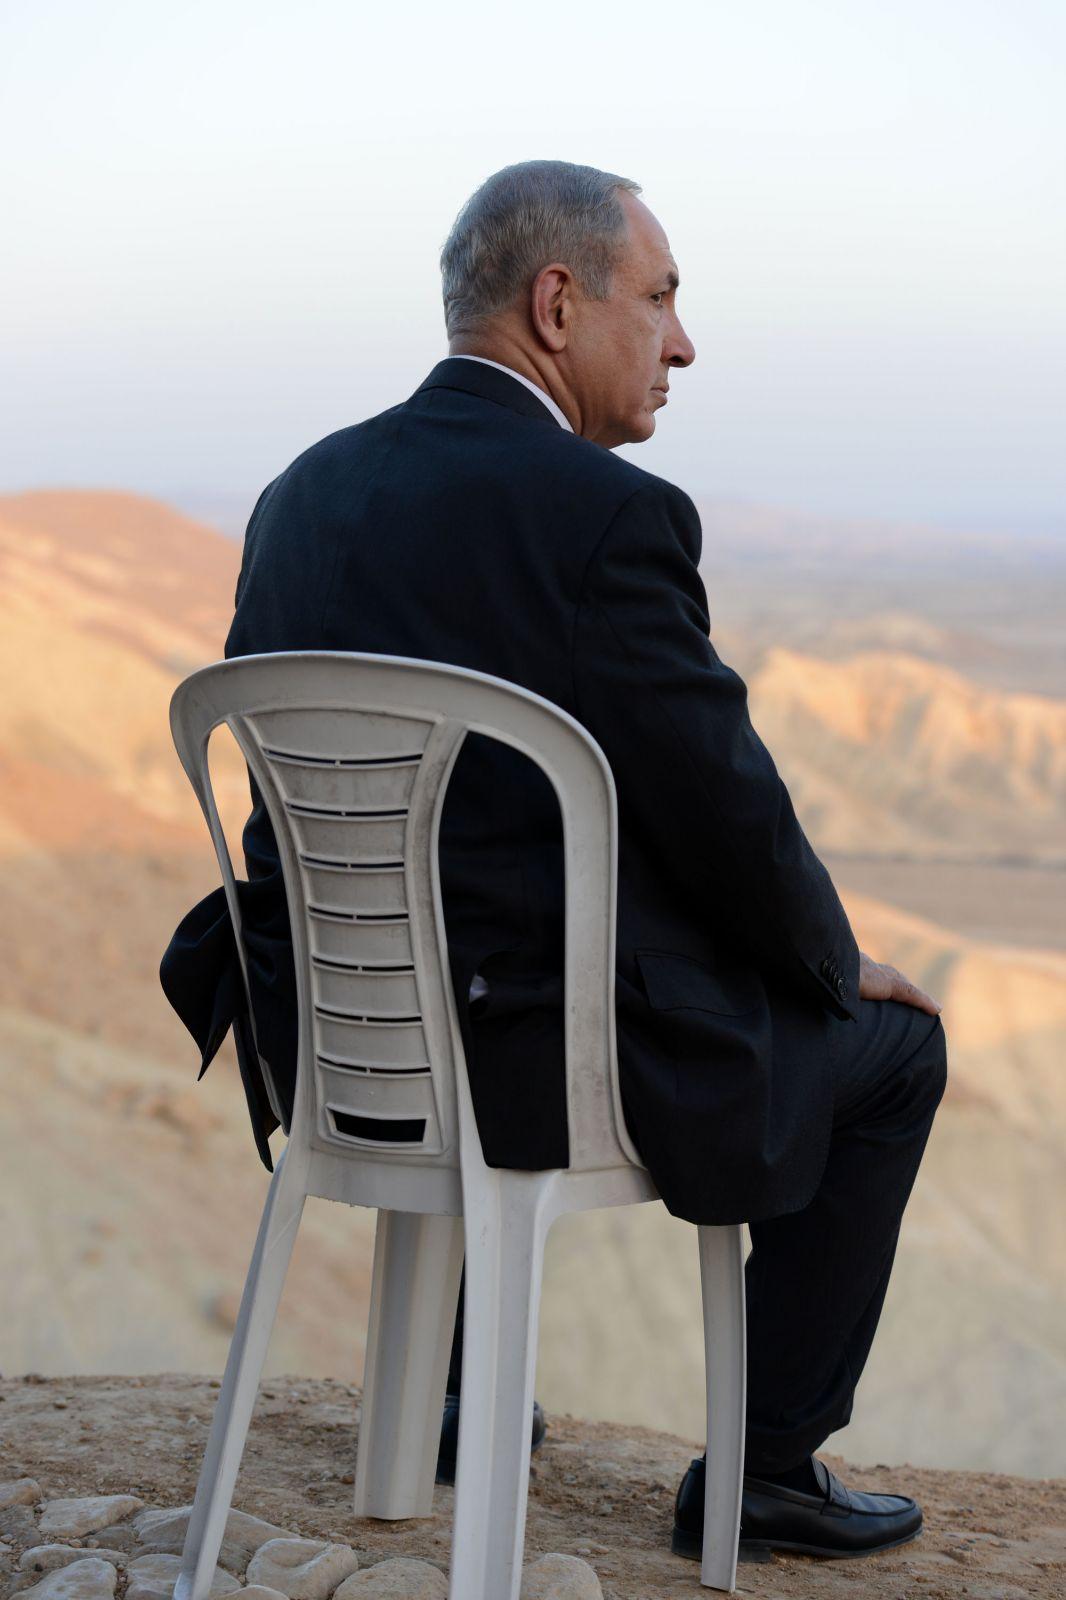 """ראש הממשלה בנימין נתניהו, הנגב וכיסא מפלסטיק, 10.11.13 (צילום: קובי גדעון, לע""""מ)"""